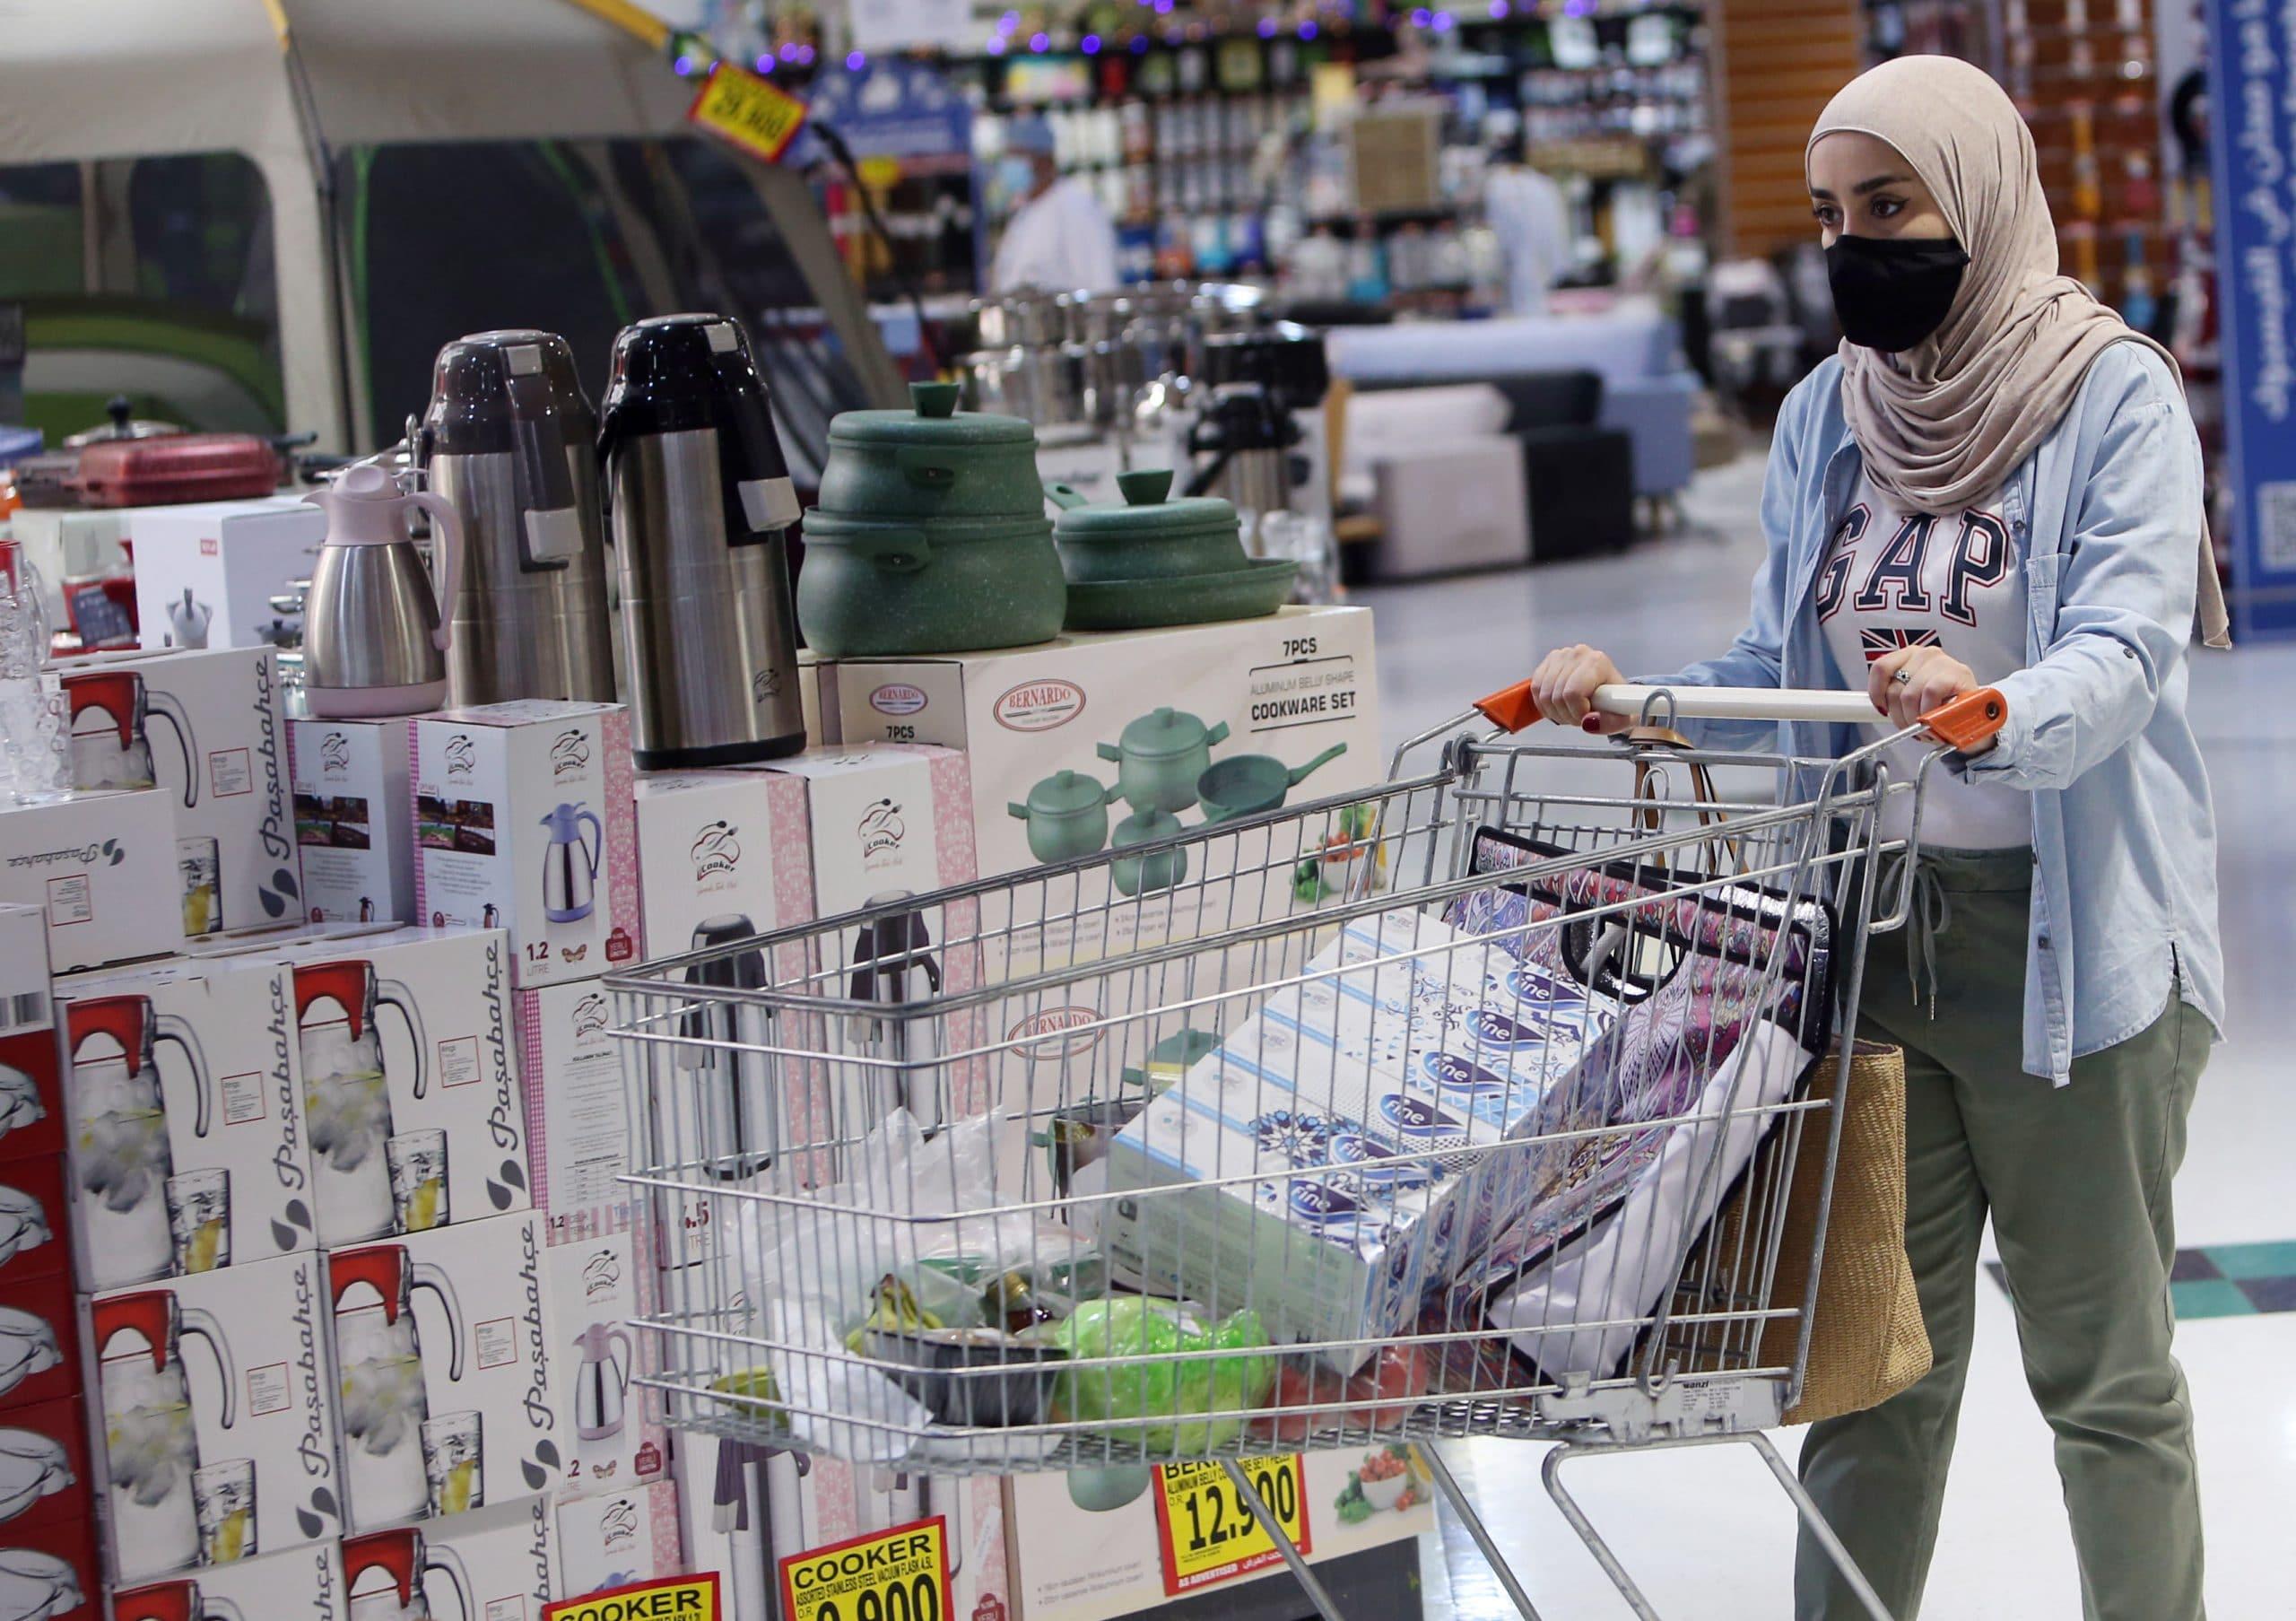 اللجنة العليا في سلطنة عمان تمدد إغلاق الأنشطة التجارية وتقليص مدة الاغلاق الليلي